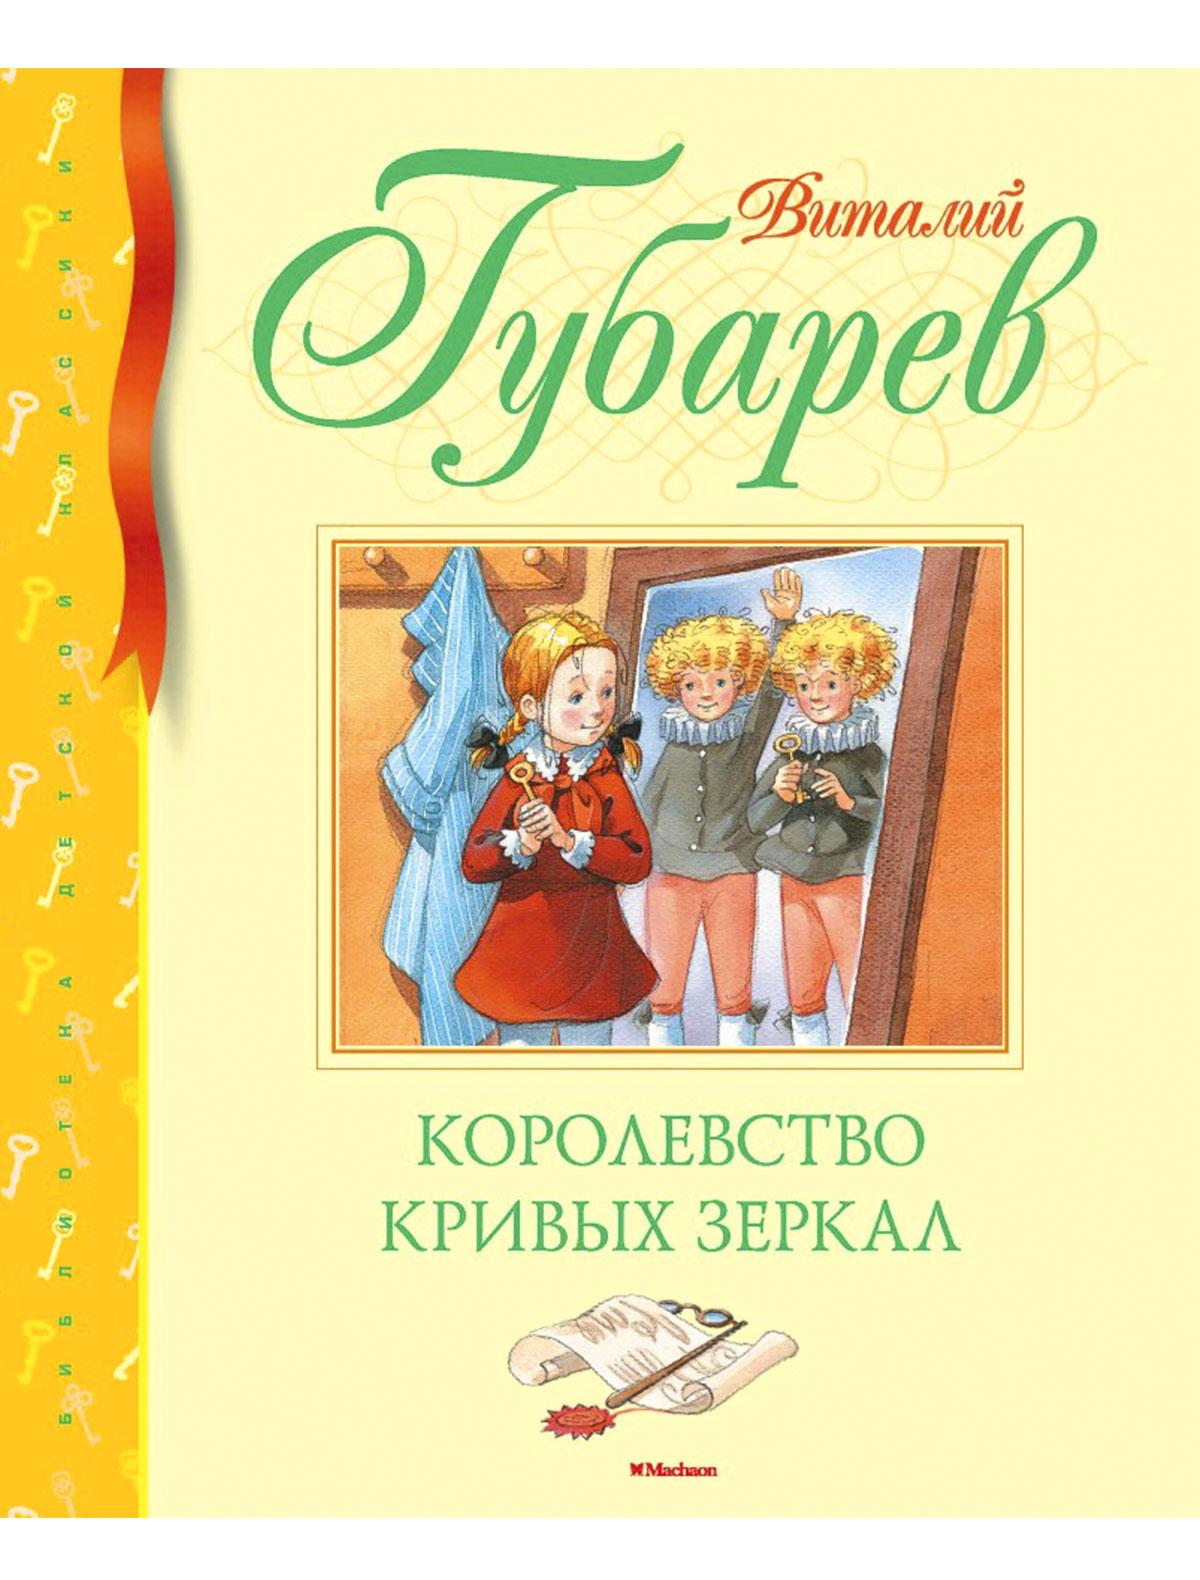 Купить 2025405, Книга ИГ Азбука-Аттикус, 9002529970612